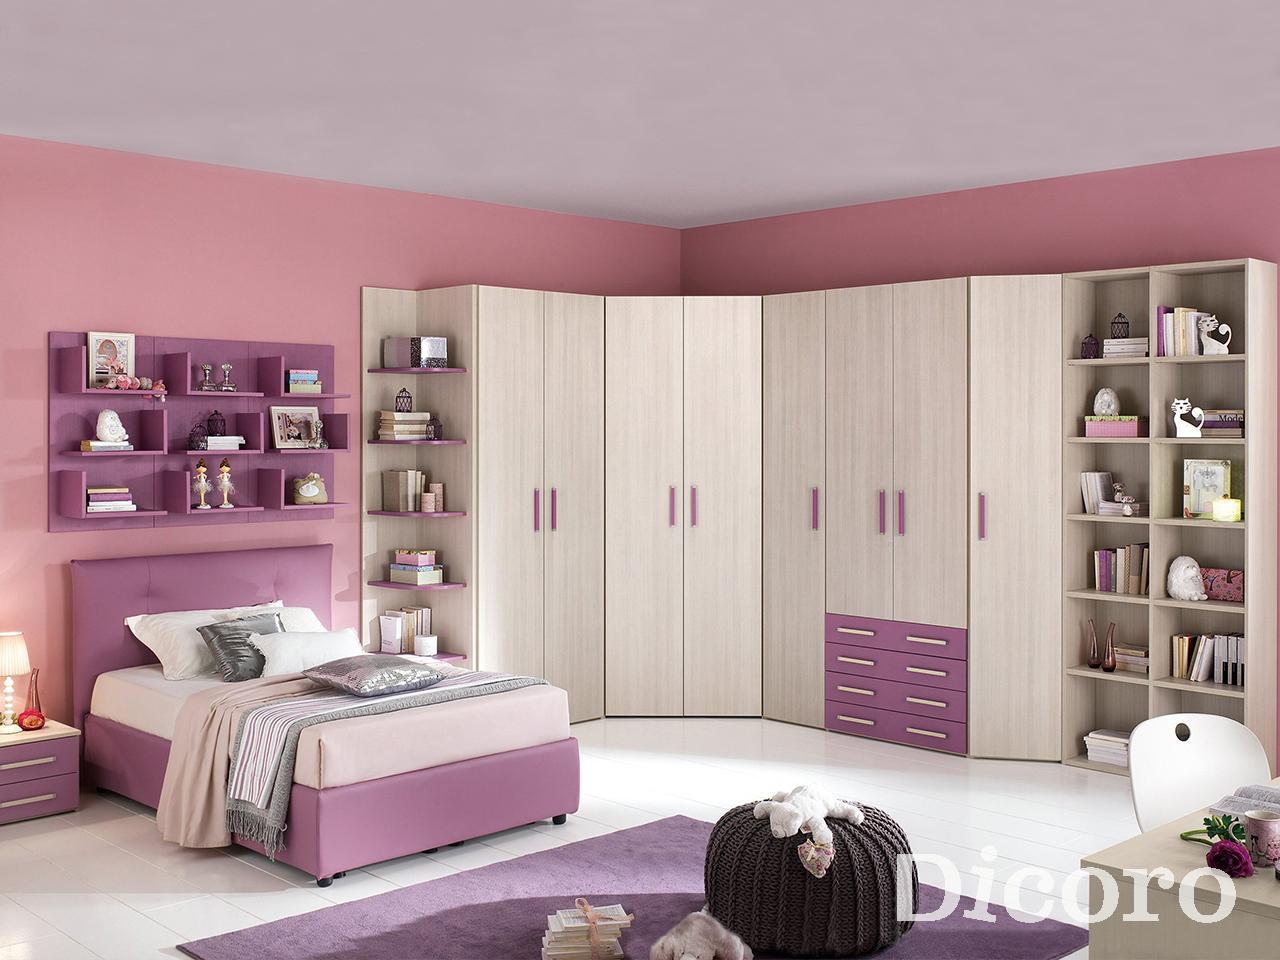 Descubre la habitaci n infantil de la colecci n alba - Habitacion infantil decoracion ...